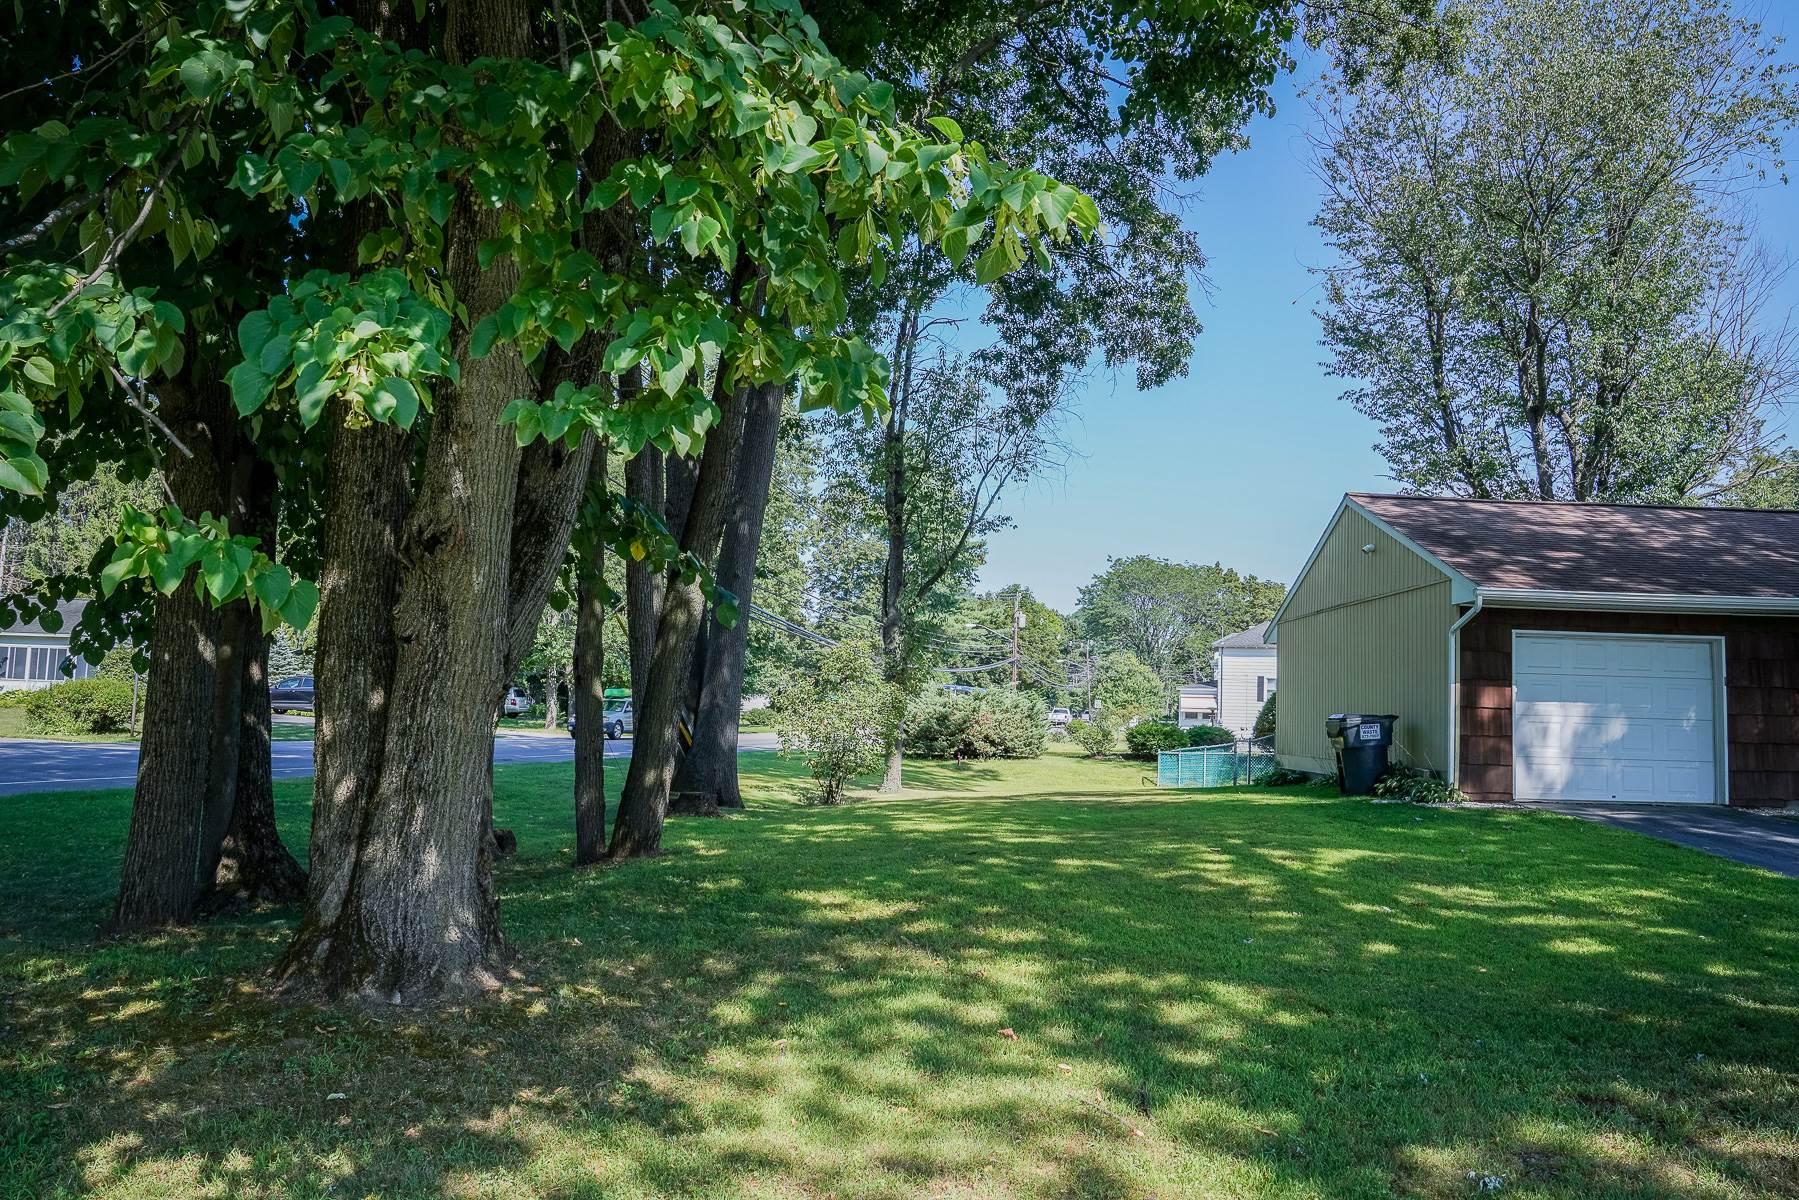 Saratoga S image 34